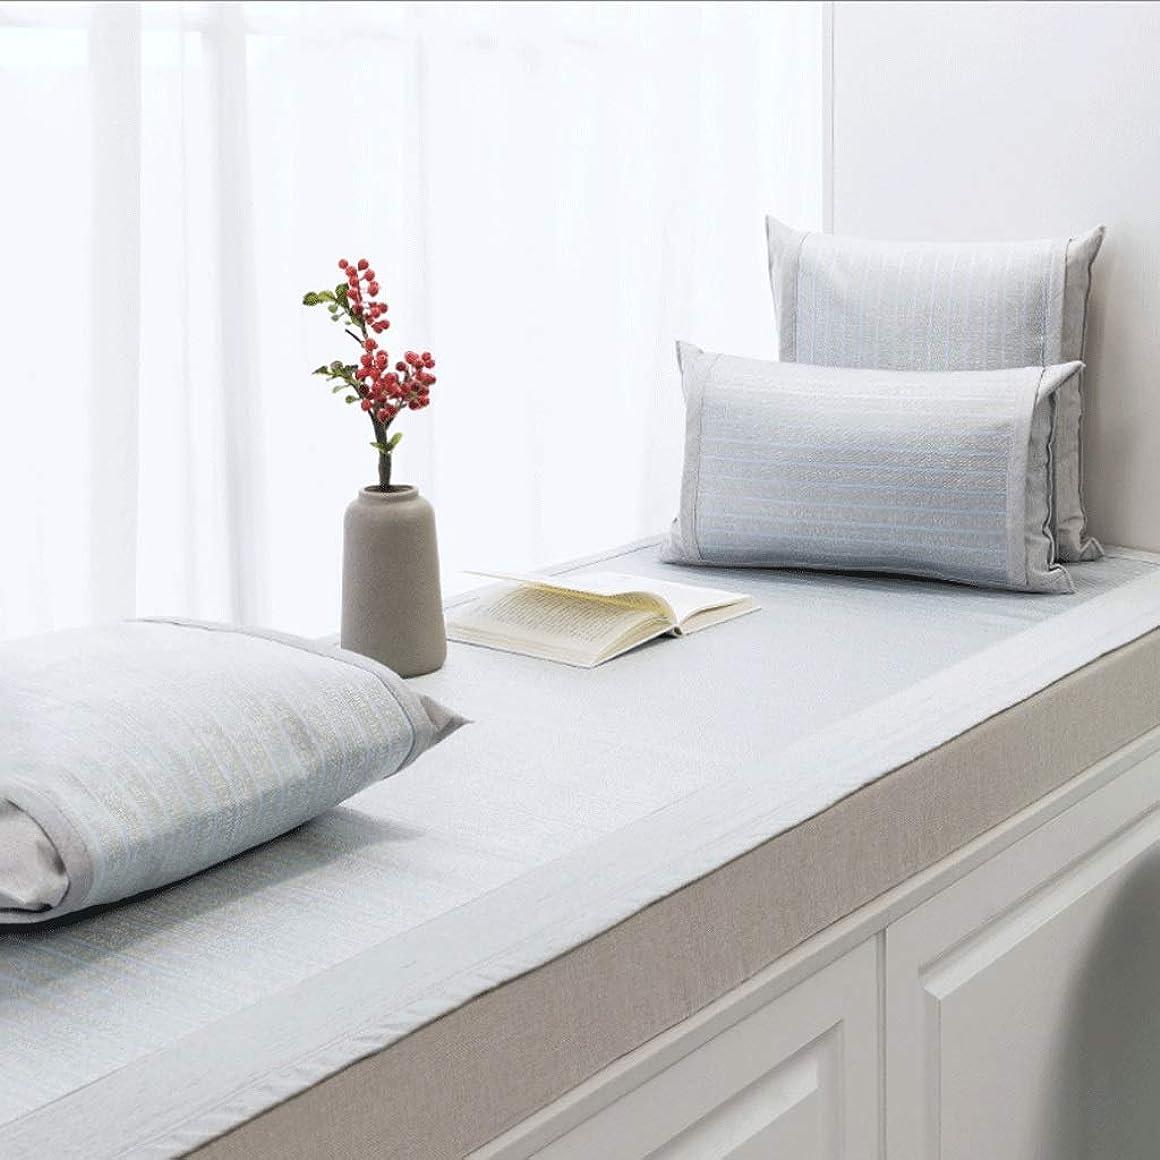 キャンプオプショナル織機出窓クッション/出窓毛布/バルコニーマット/滑り止め畳のクッション/フロート窓マット/複数の色と複数のサイズ (Color : I, Size : 45×45 CM)